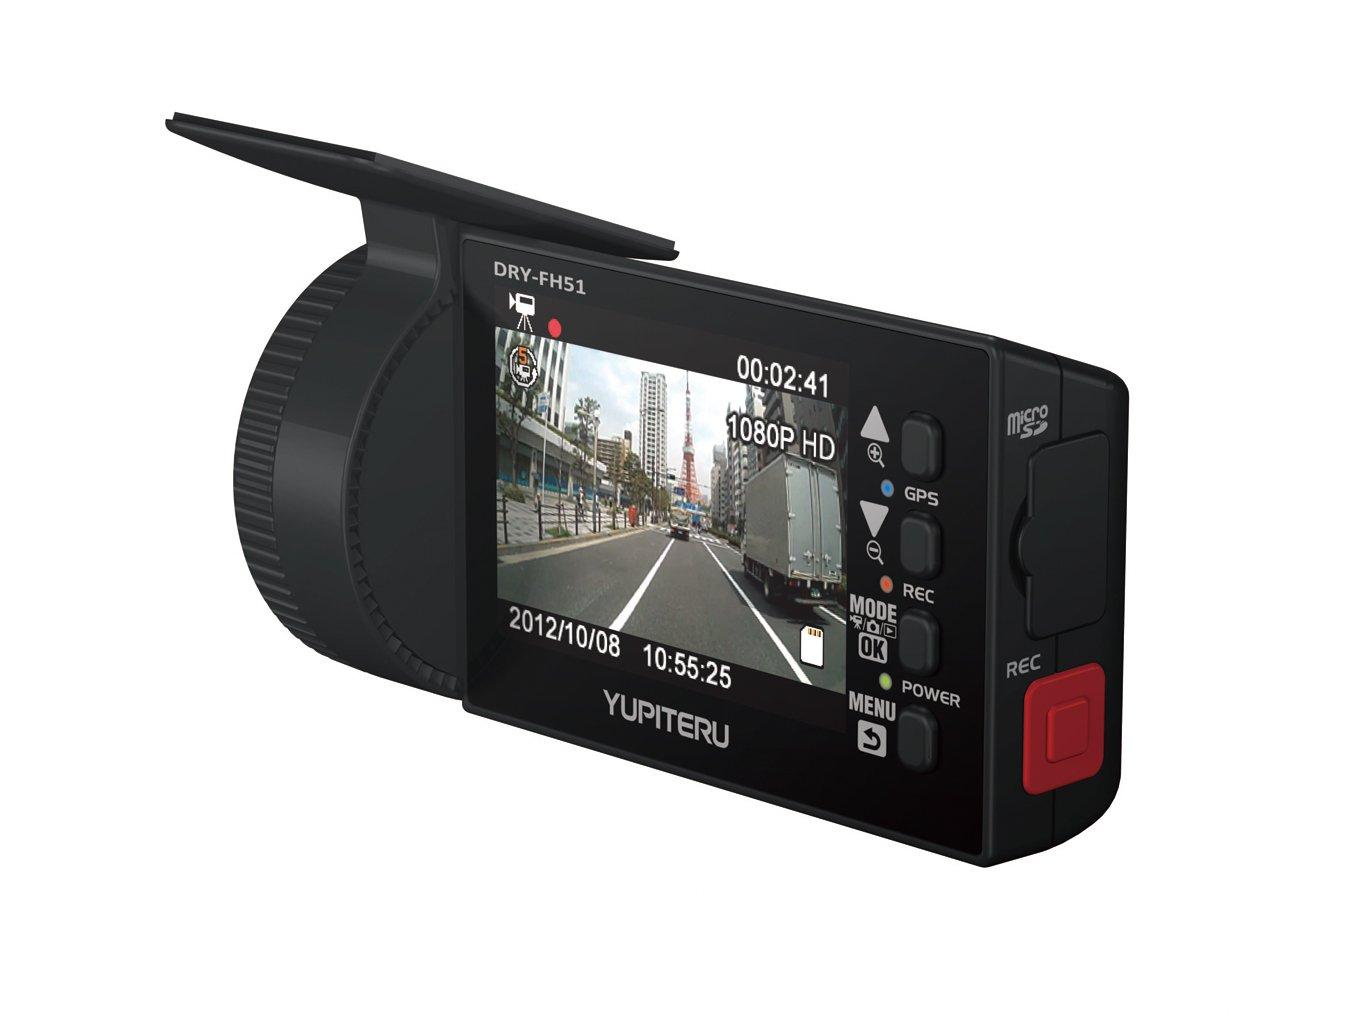 ユピテル 常時録画ドライブレコーダー GPS付き常時録画2.5インチ液晶搭載200万画素FullHD画質 DRY-FH51 B00BB3KTEW